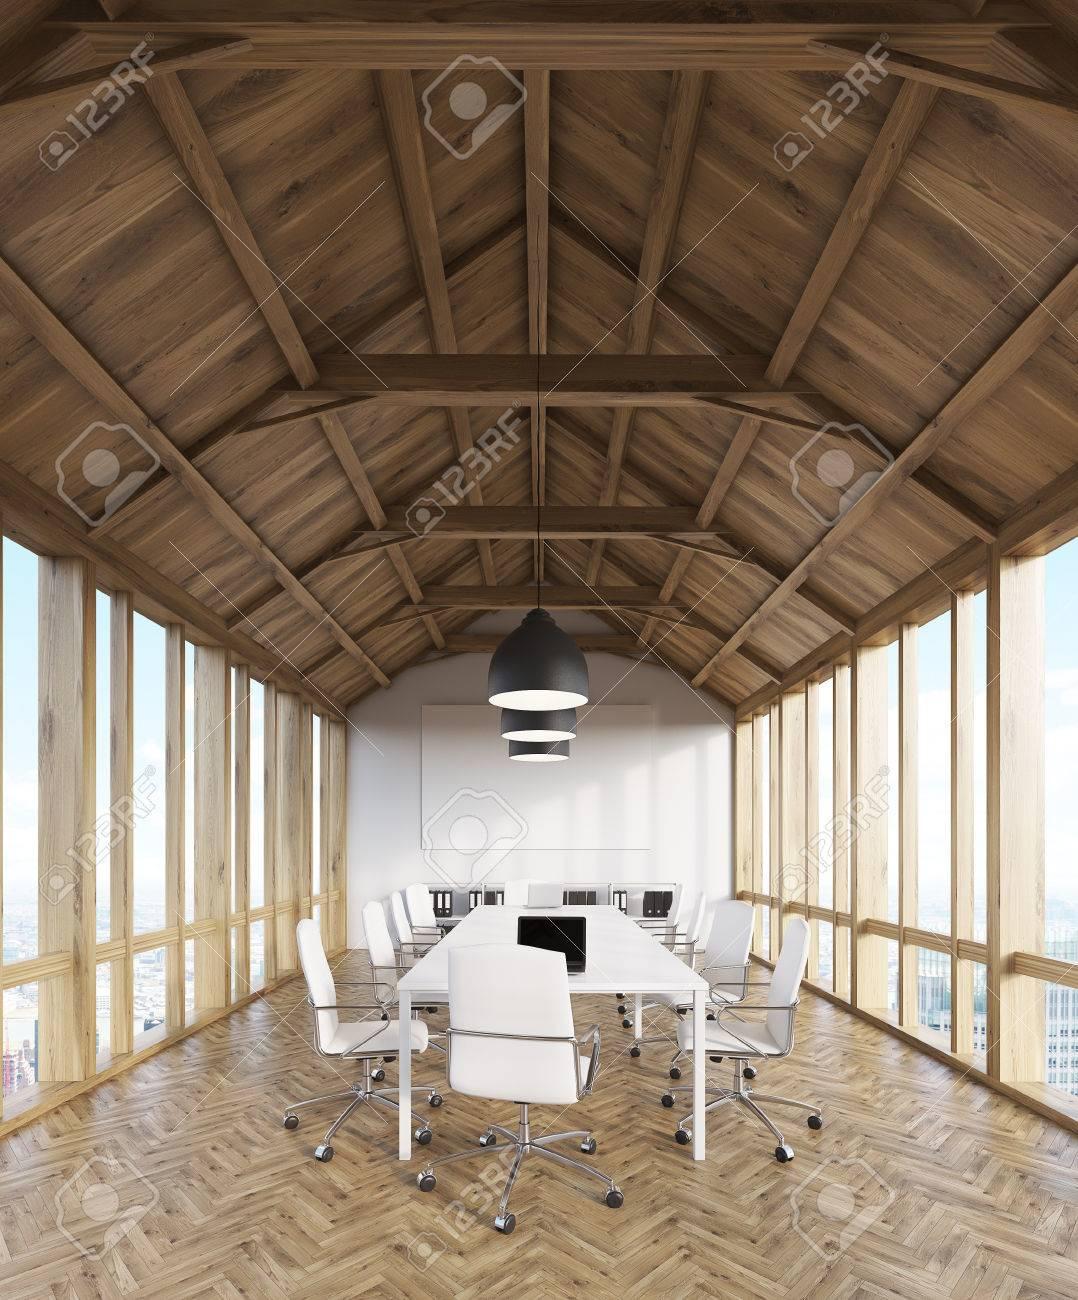 Dachgeschoss Holz Buro Interieur Von Design Studio Mit Computern Auf Den Tischen Und Panoramafenstern